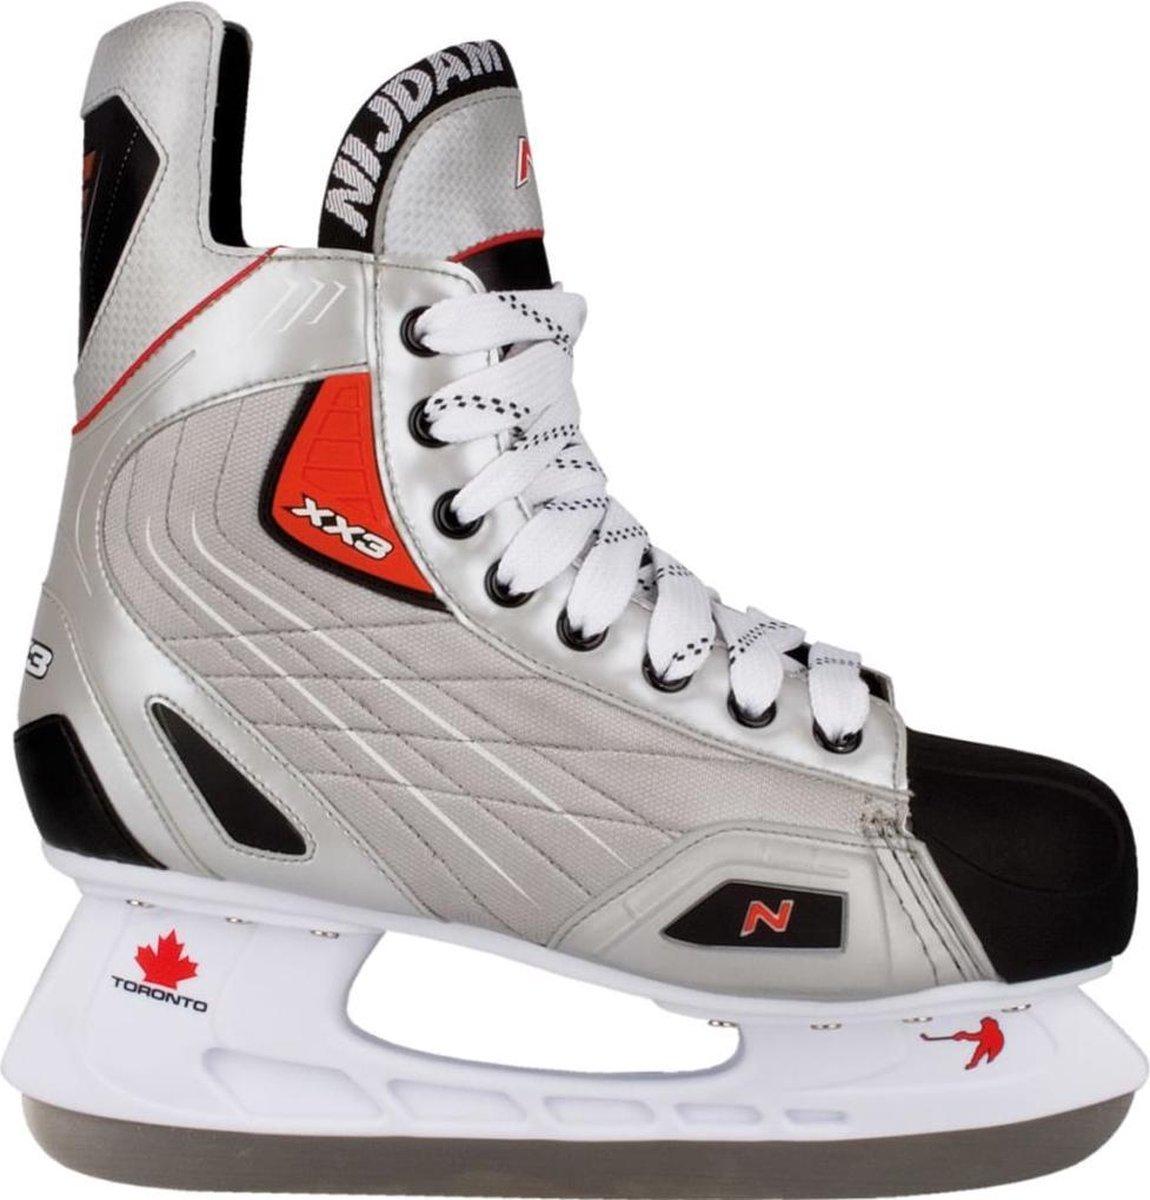 Nijdam IJshockeyschaats Polyester - Deluxe - Zilver/Zwart/Rood - 44